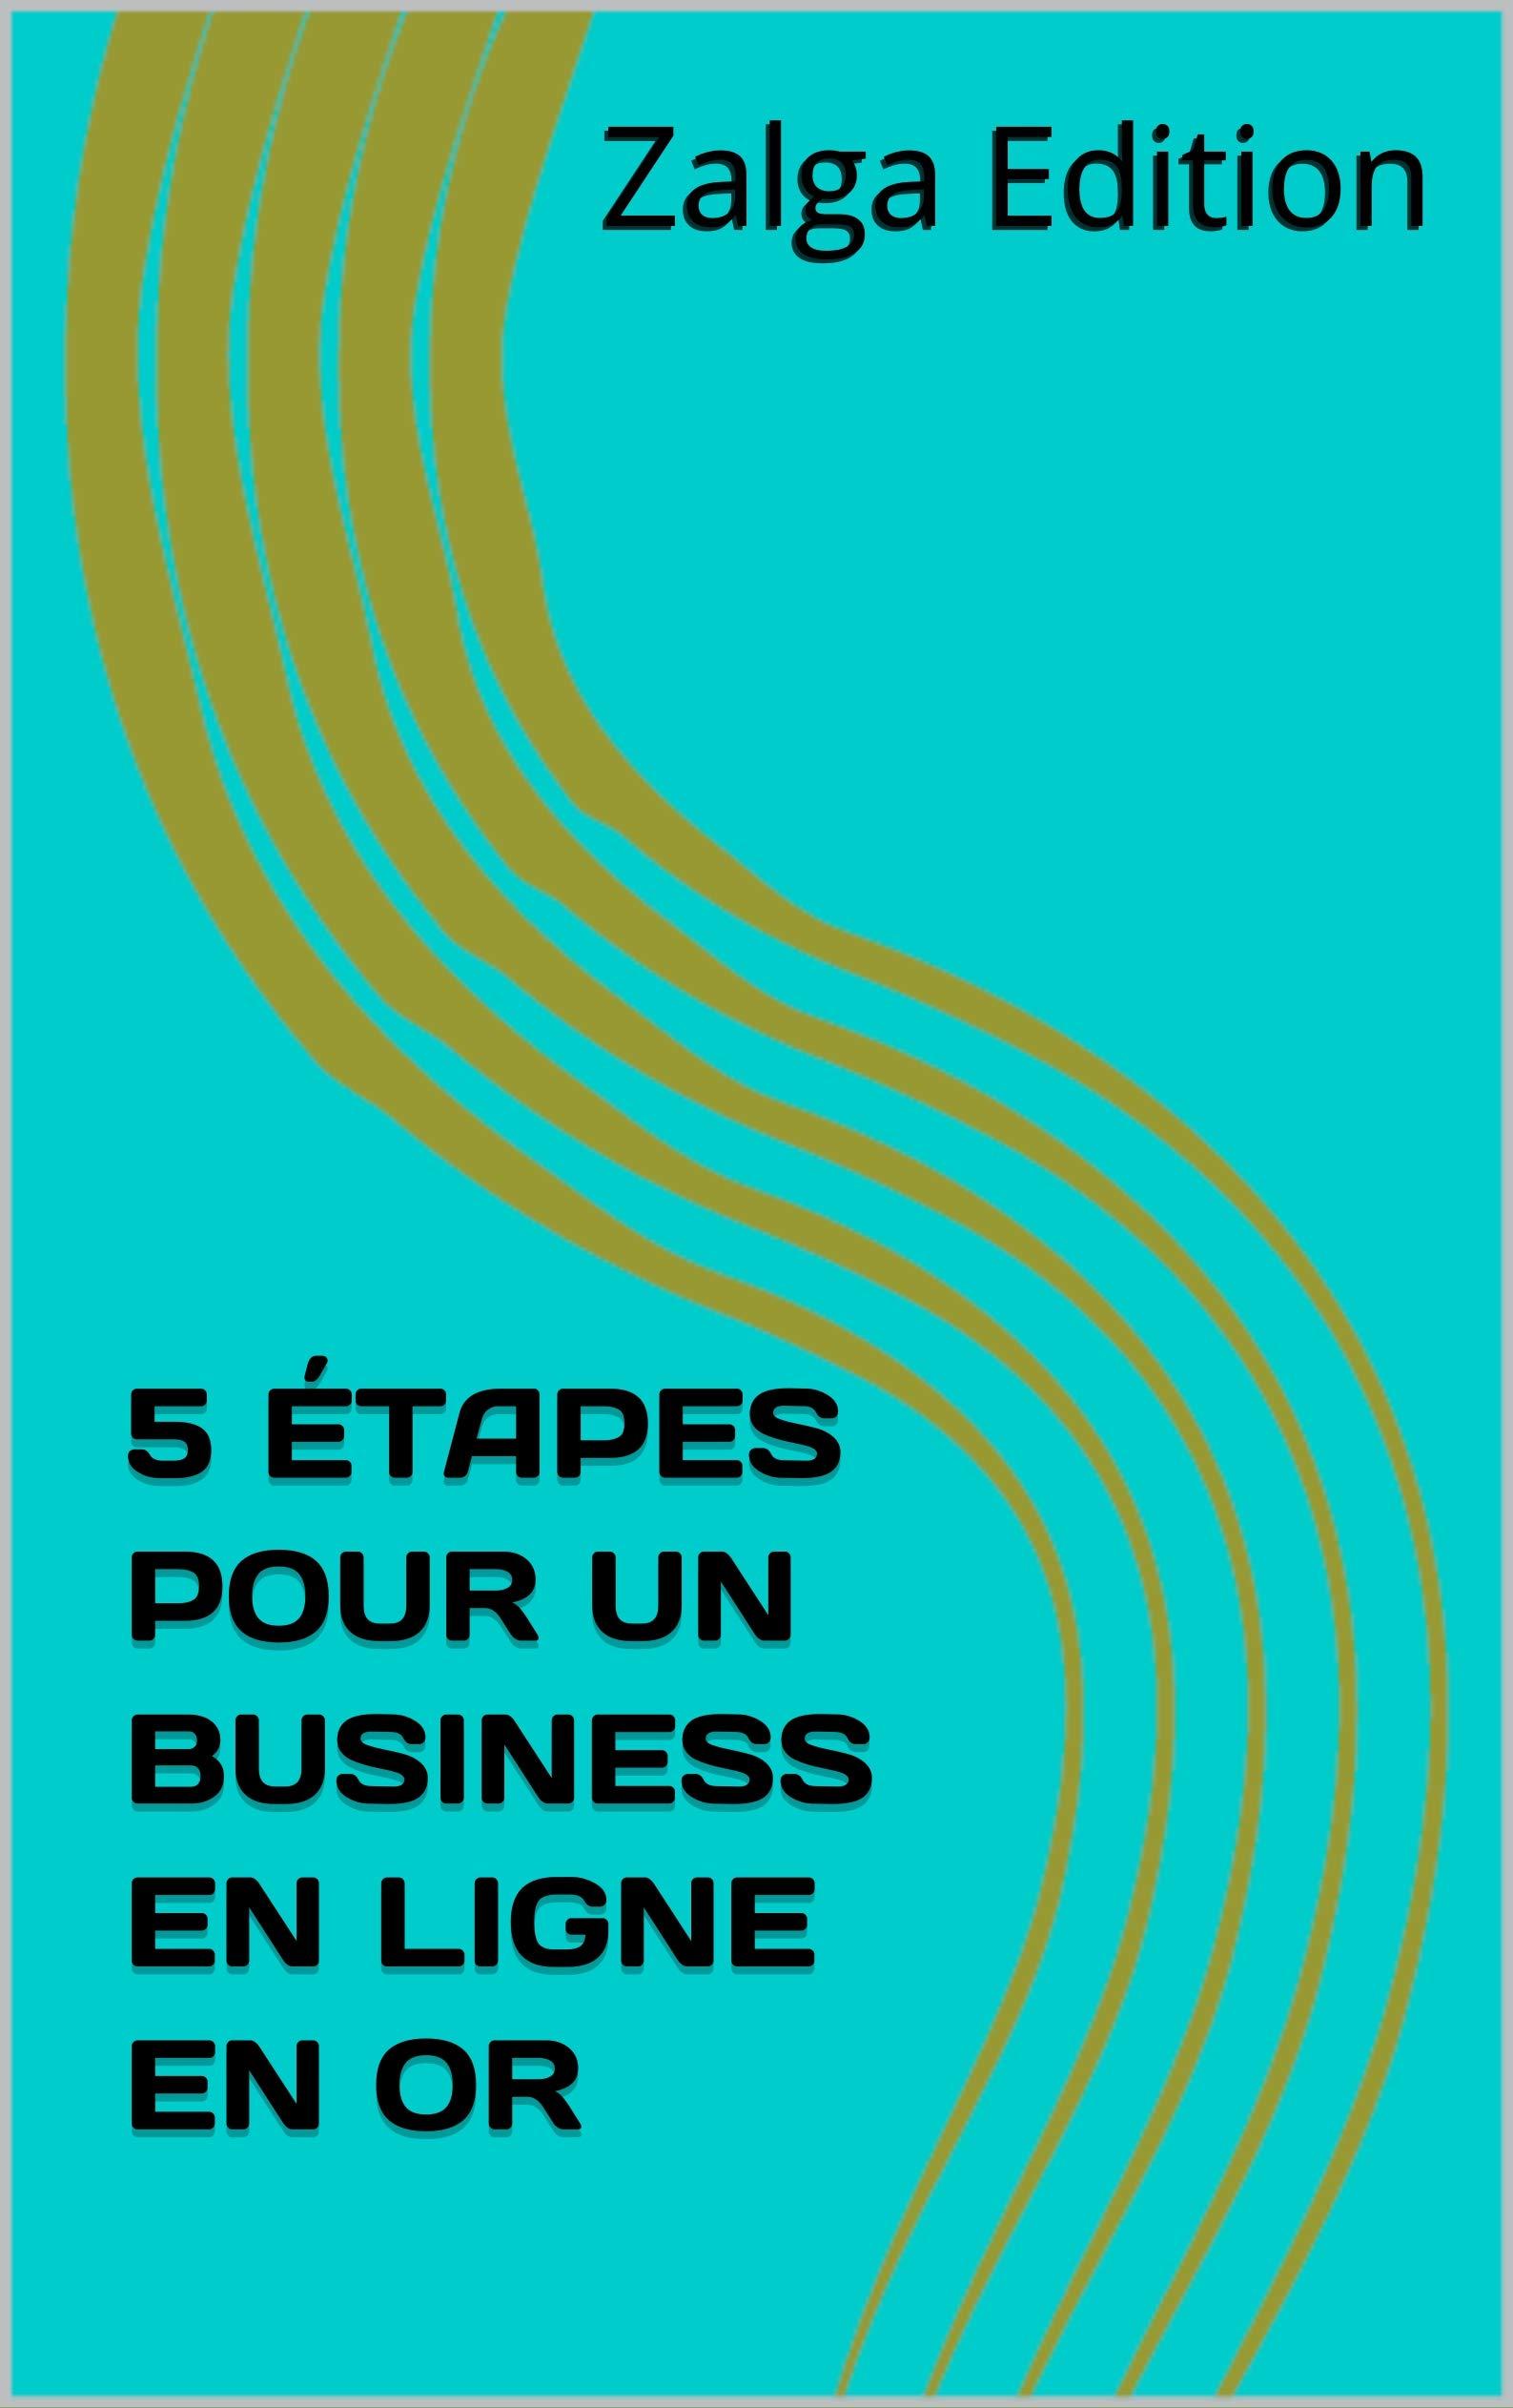 5 ÉTAPES POUR UN BUSINESS EN LIGNE EN OR (French Edition)